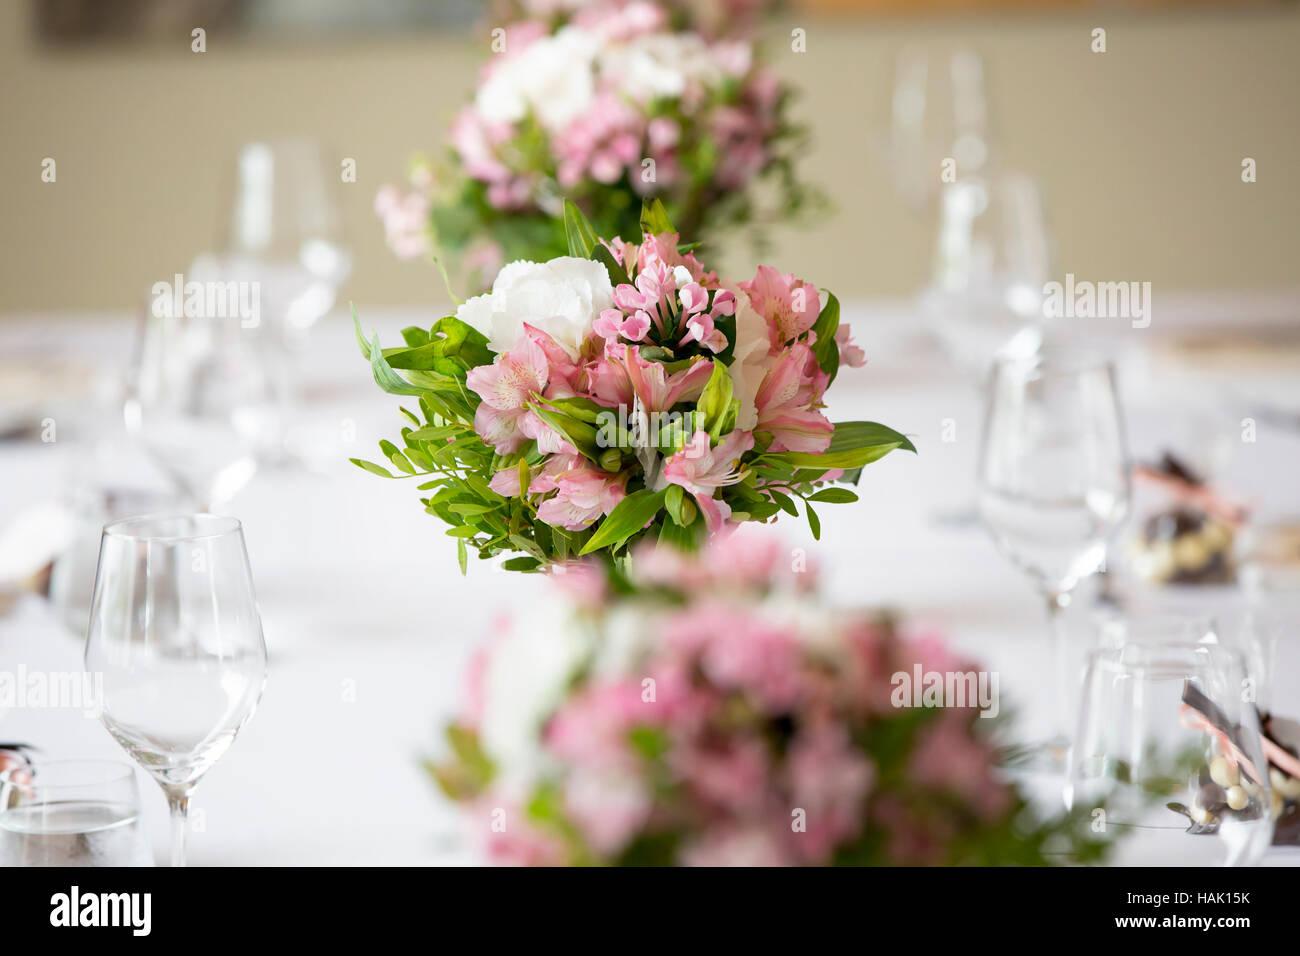 Blumendekoration Hochzeit Bankett Tisch In Einem Restaurant